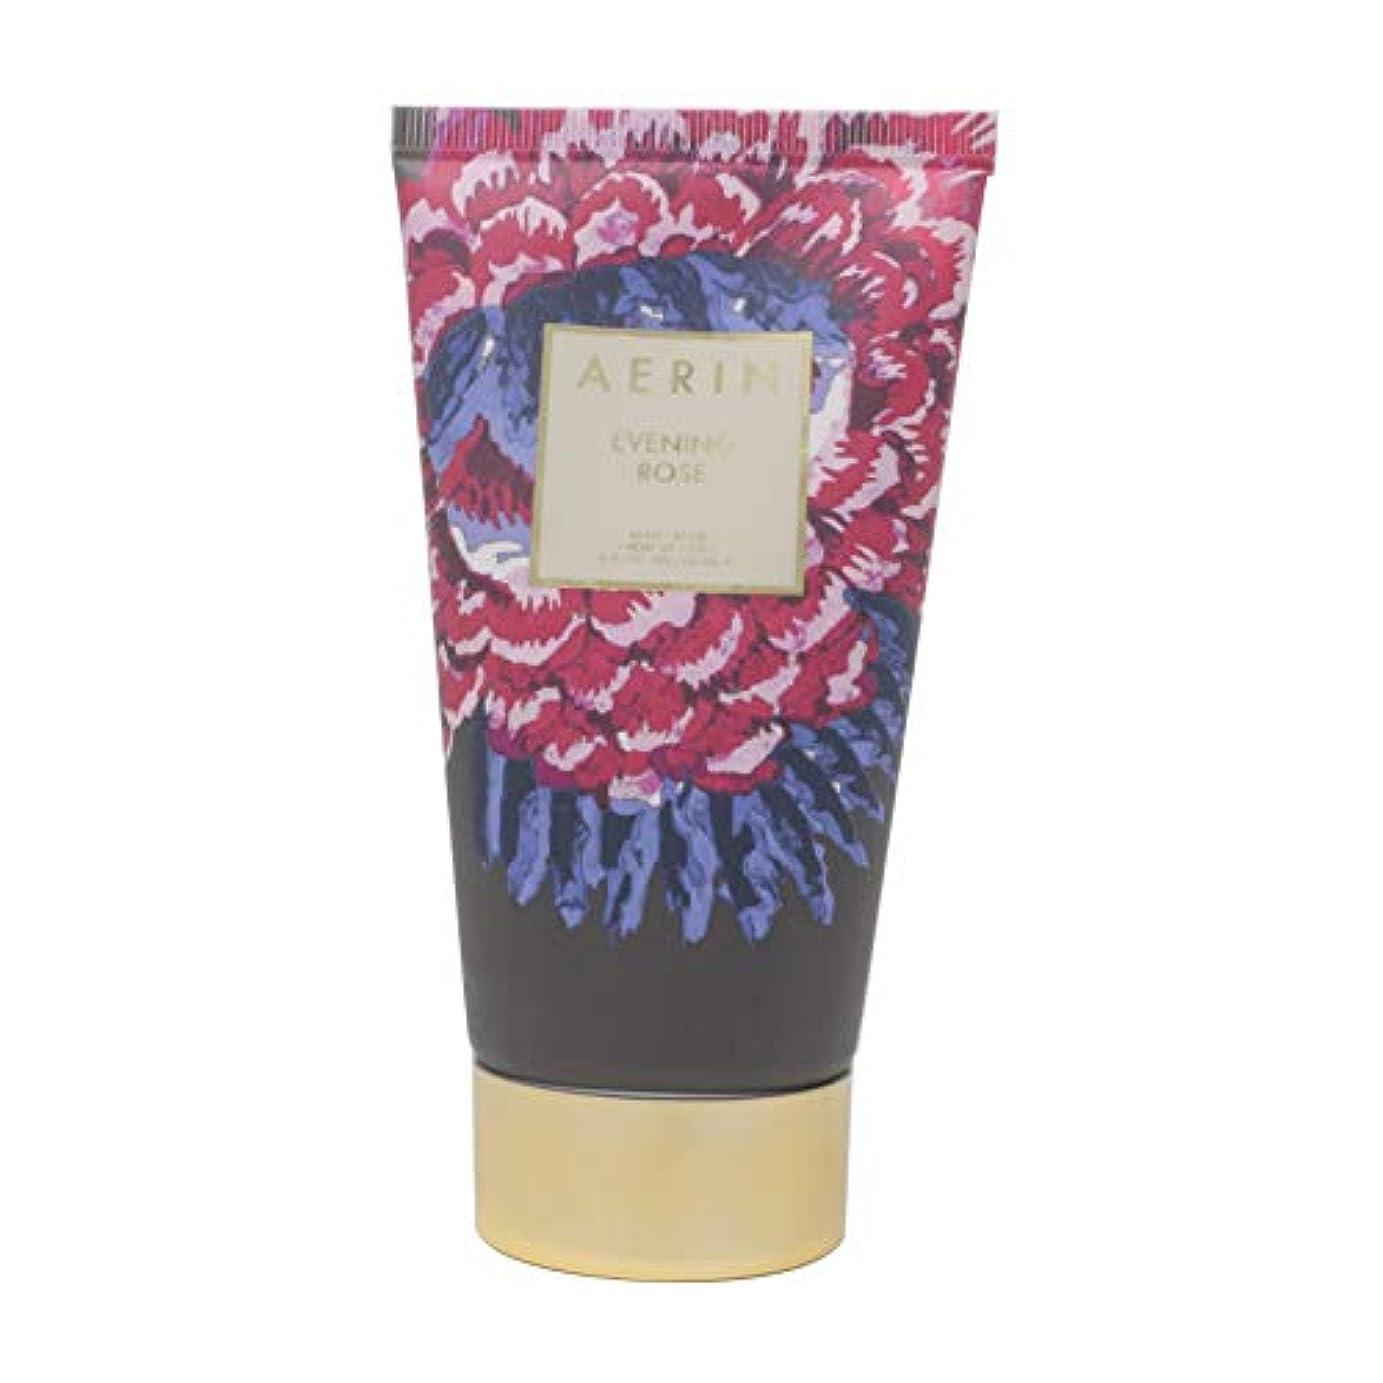 お願いします適用済み漫画AERIN 'Evening Rose' (アエリン イブニング ローズ) 5.0 oz (150ml) Body Cream ボディークリーム by Estee Lauder for Women